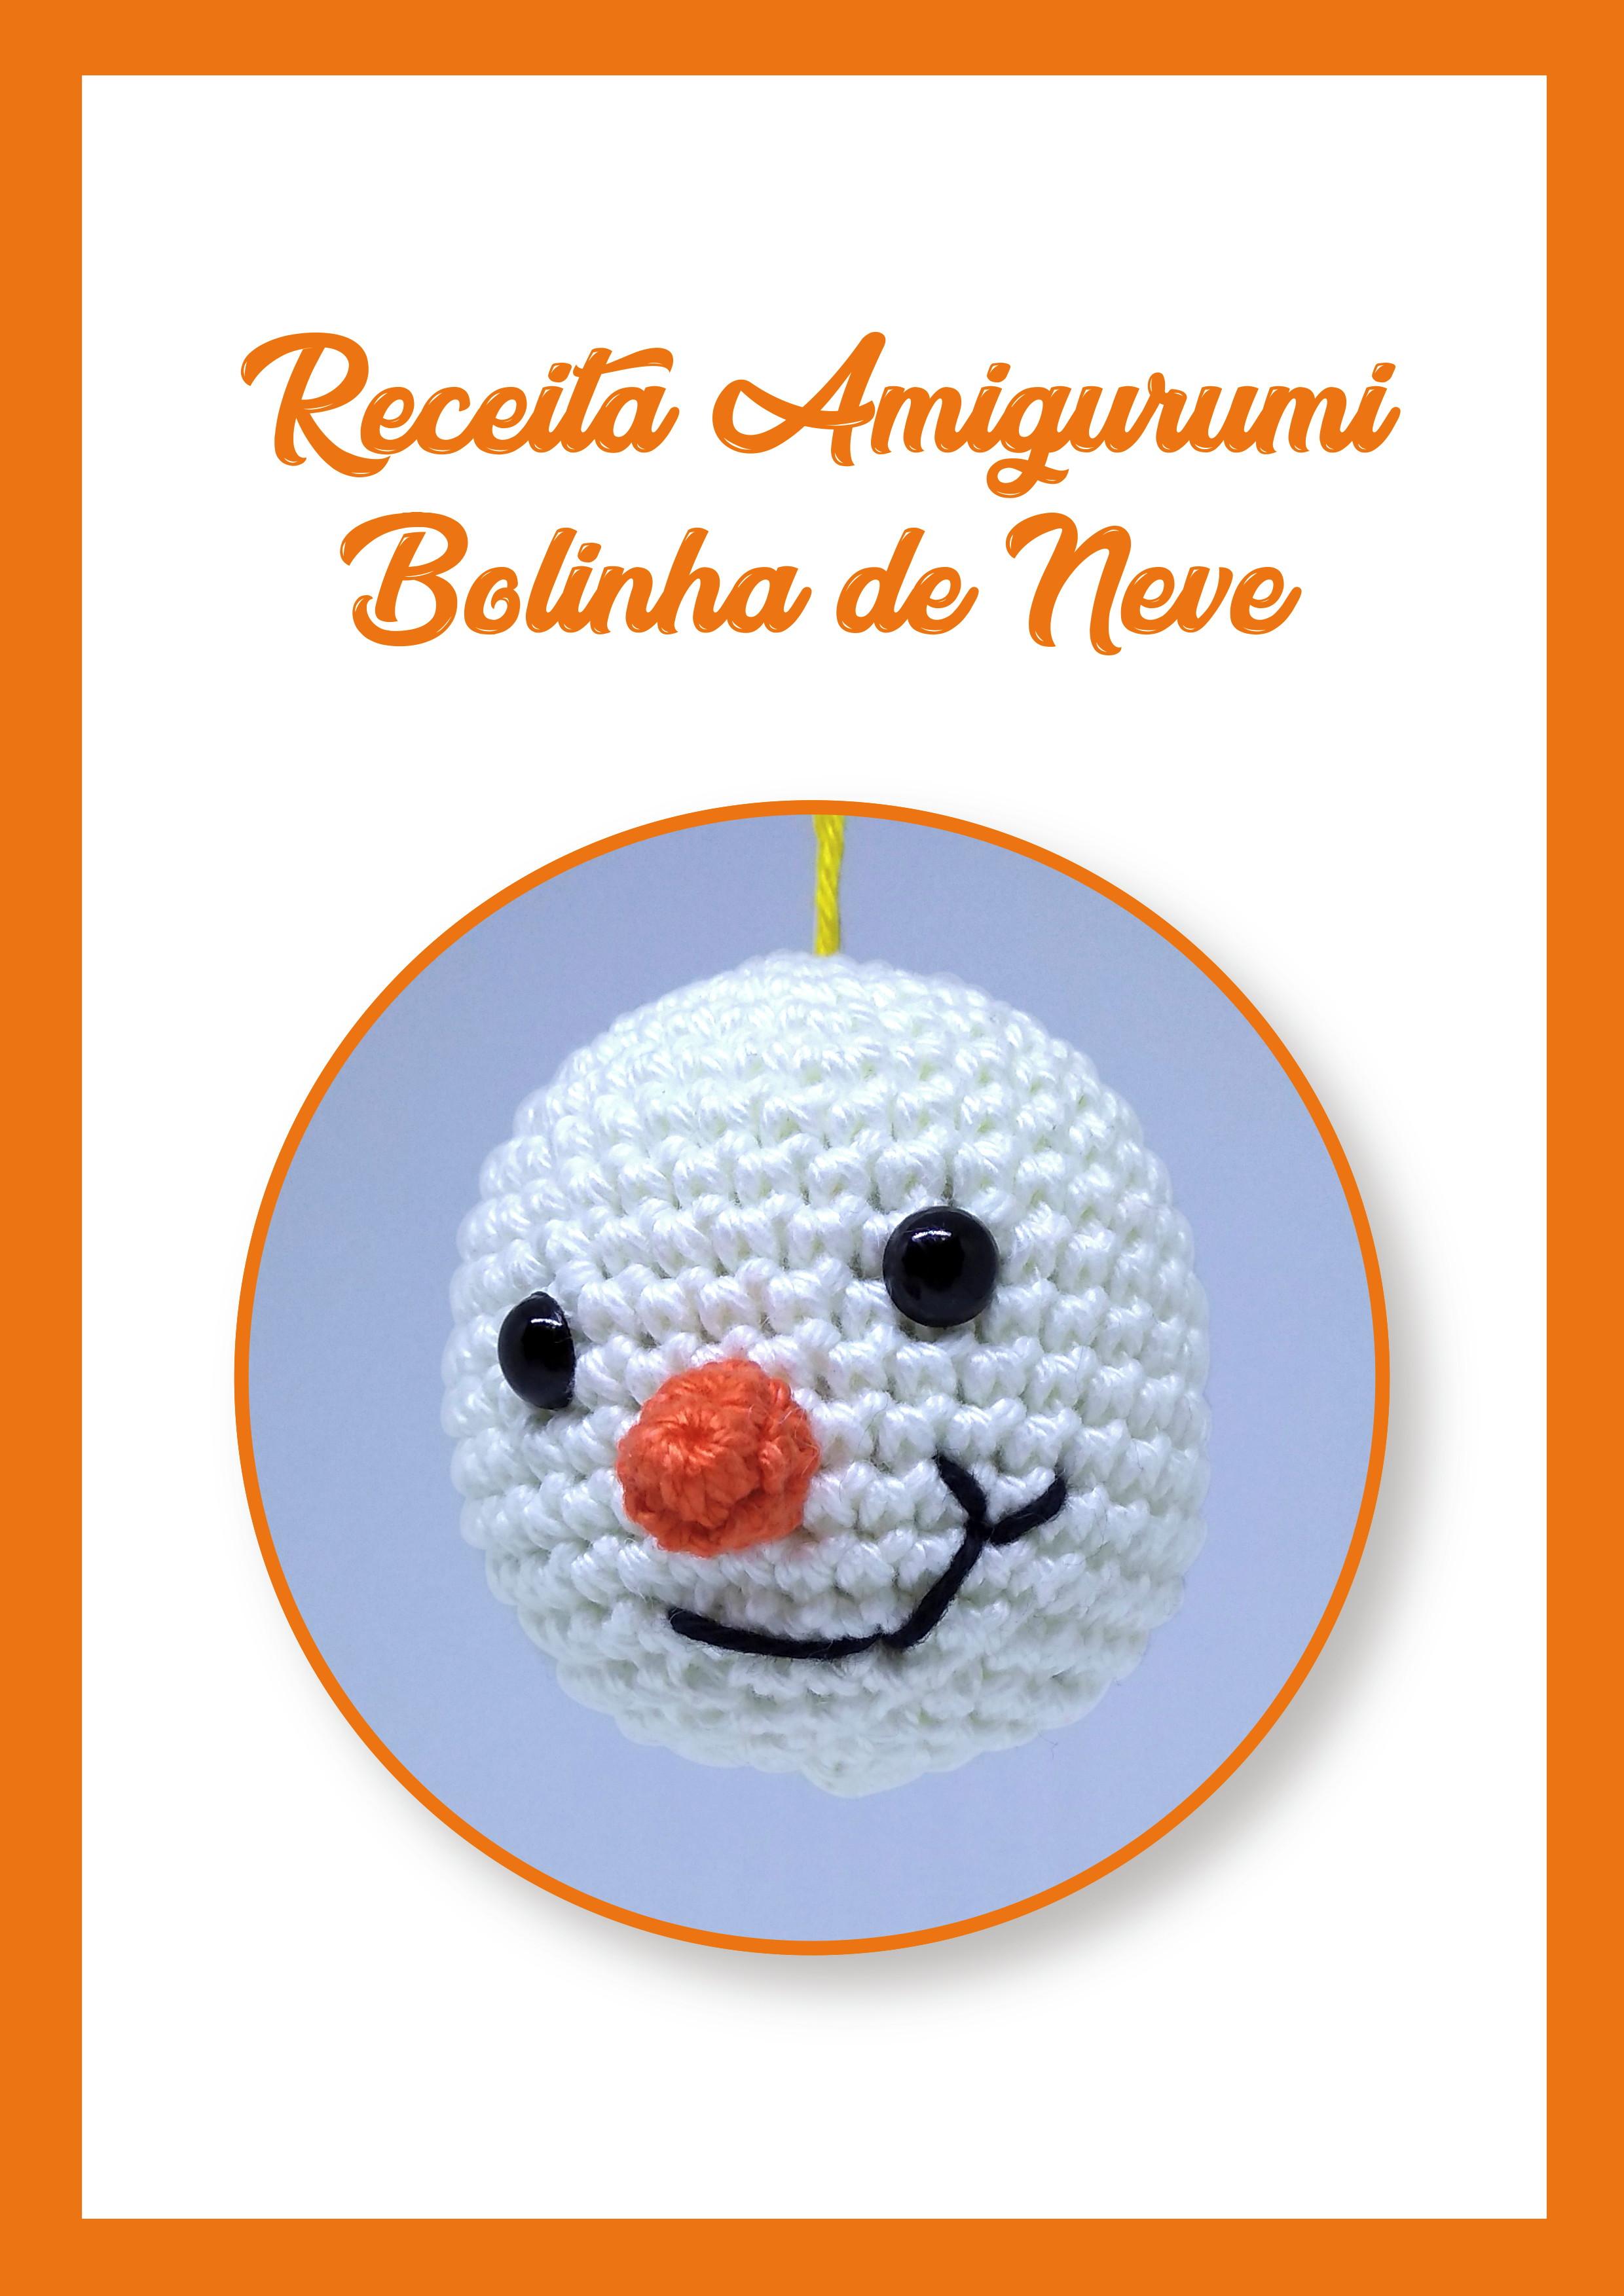 Receita em Pdf Bonecos de Neve (com imagens) | Boneco de neve ... | 3507x2480